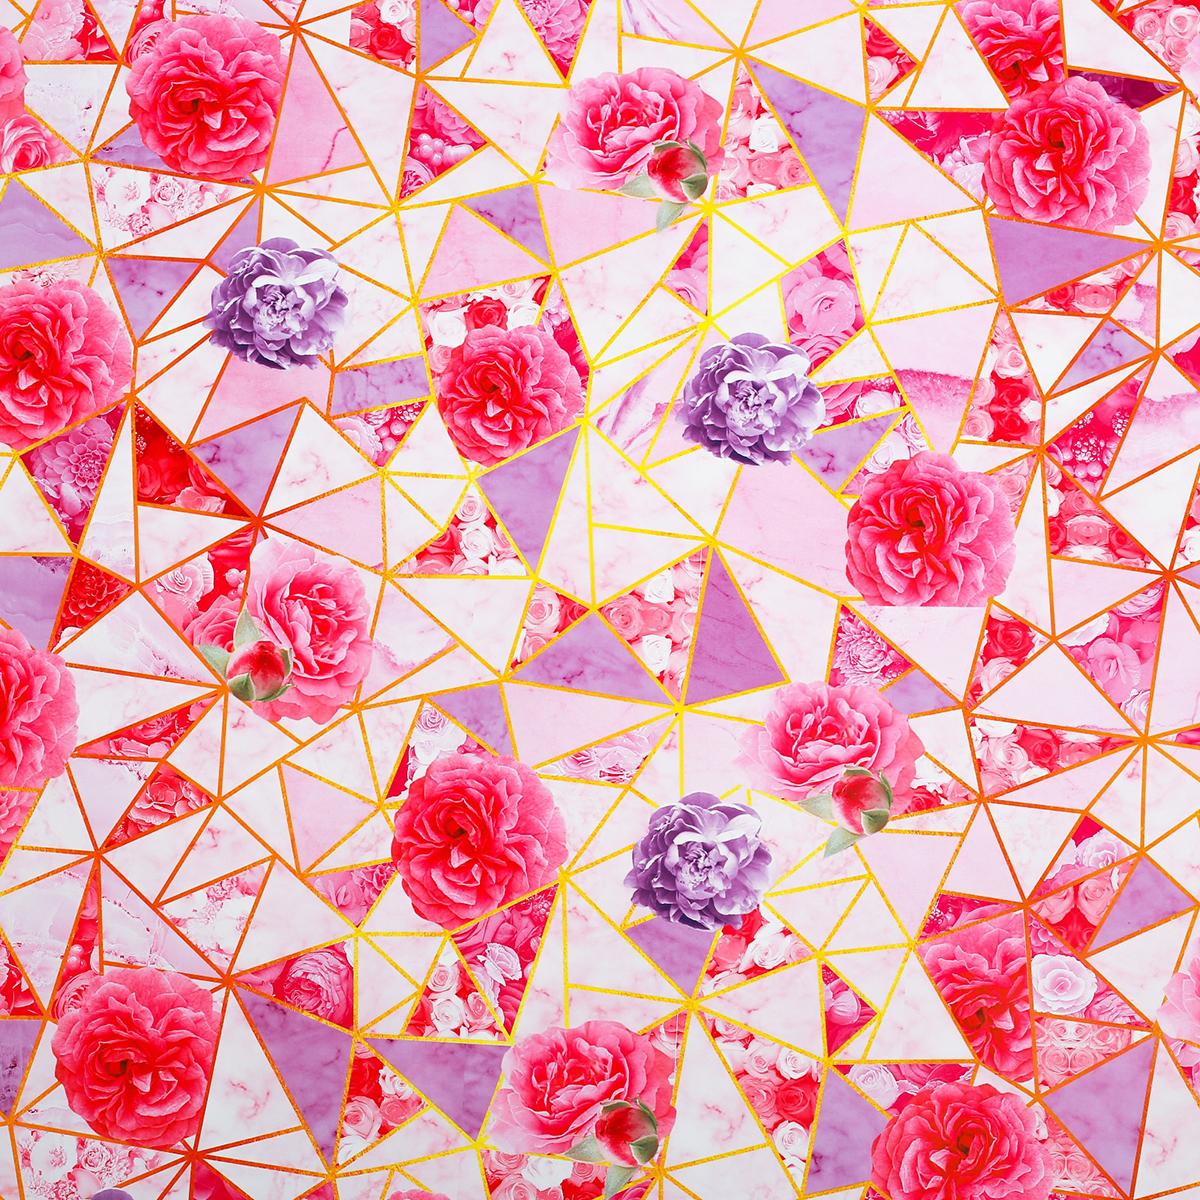 Бумага упаковочная Дарите счастье Золотые треугольники, глянцевая, 70 х 100 см. 27735612773561Любой подарок начинается с упаковки. Что может быть трогательнее и волшебнее, чем ритуал разворачивания полученного презента. И именно оригинальная, со вкусом выбранная упаковка выделит ваш подарок из массы других. Она продемонстрирует самые тёплые чувства к виновнику торжества и создаст сказочную атмосферу праздника. — это то, что вы искали.